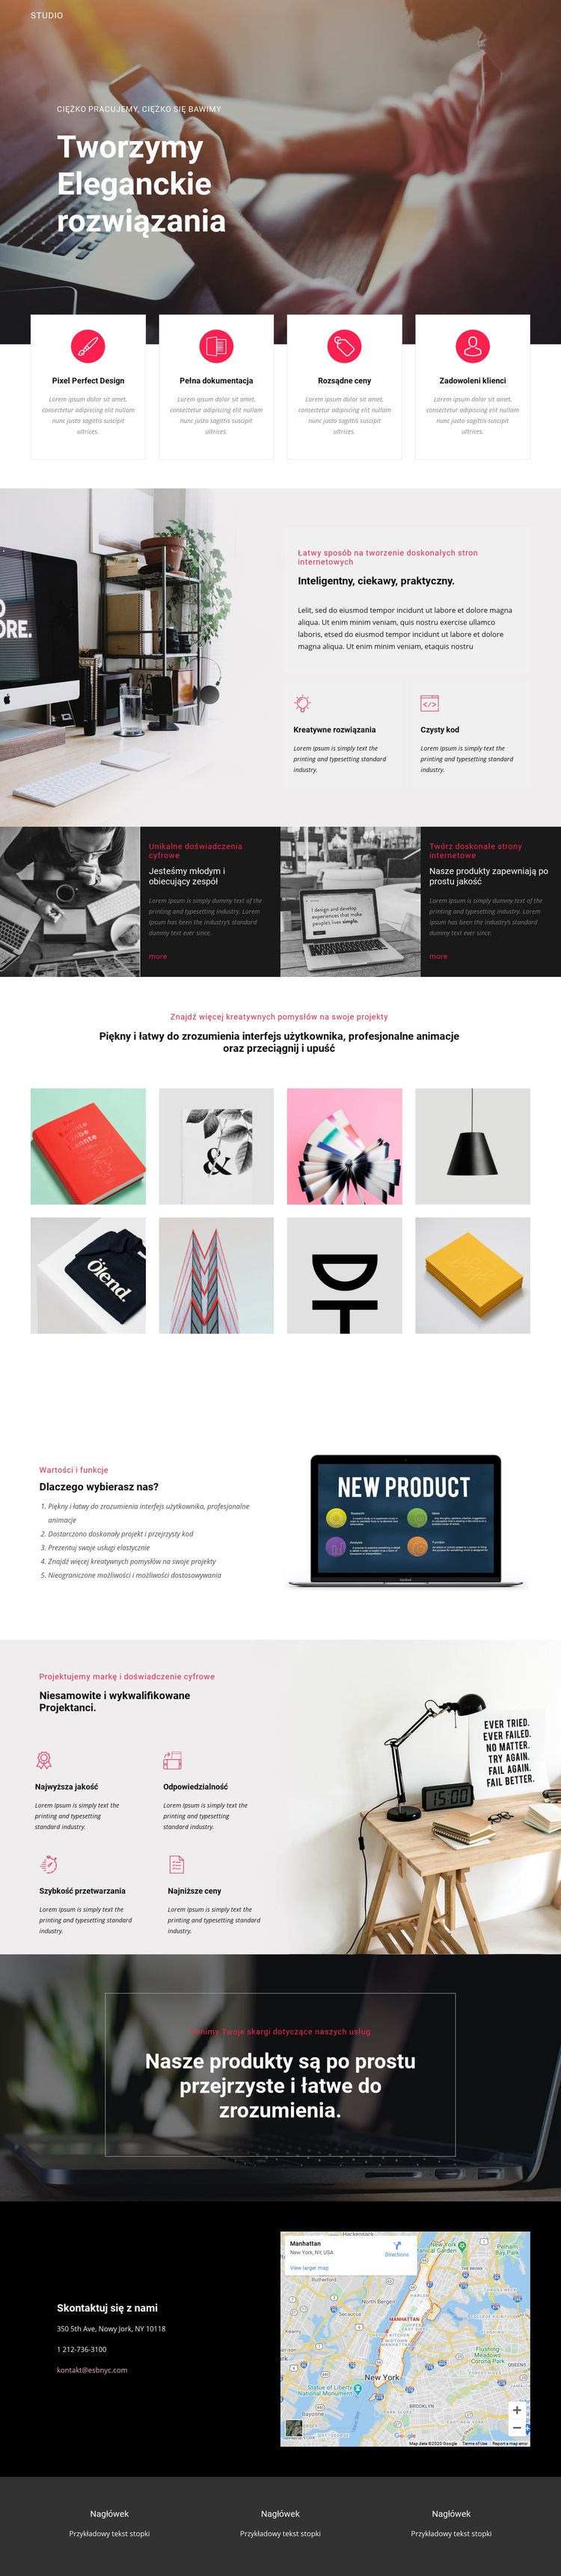 Eleganckie rozwiązania w biznesie Szablon witryny sieci Web